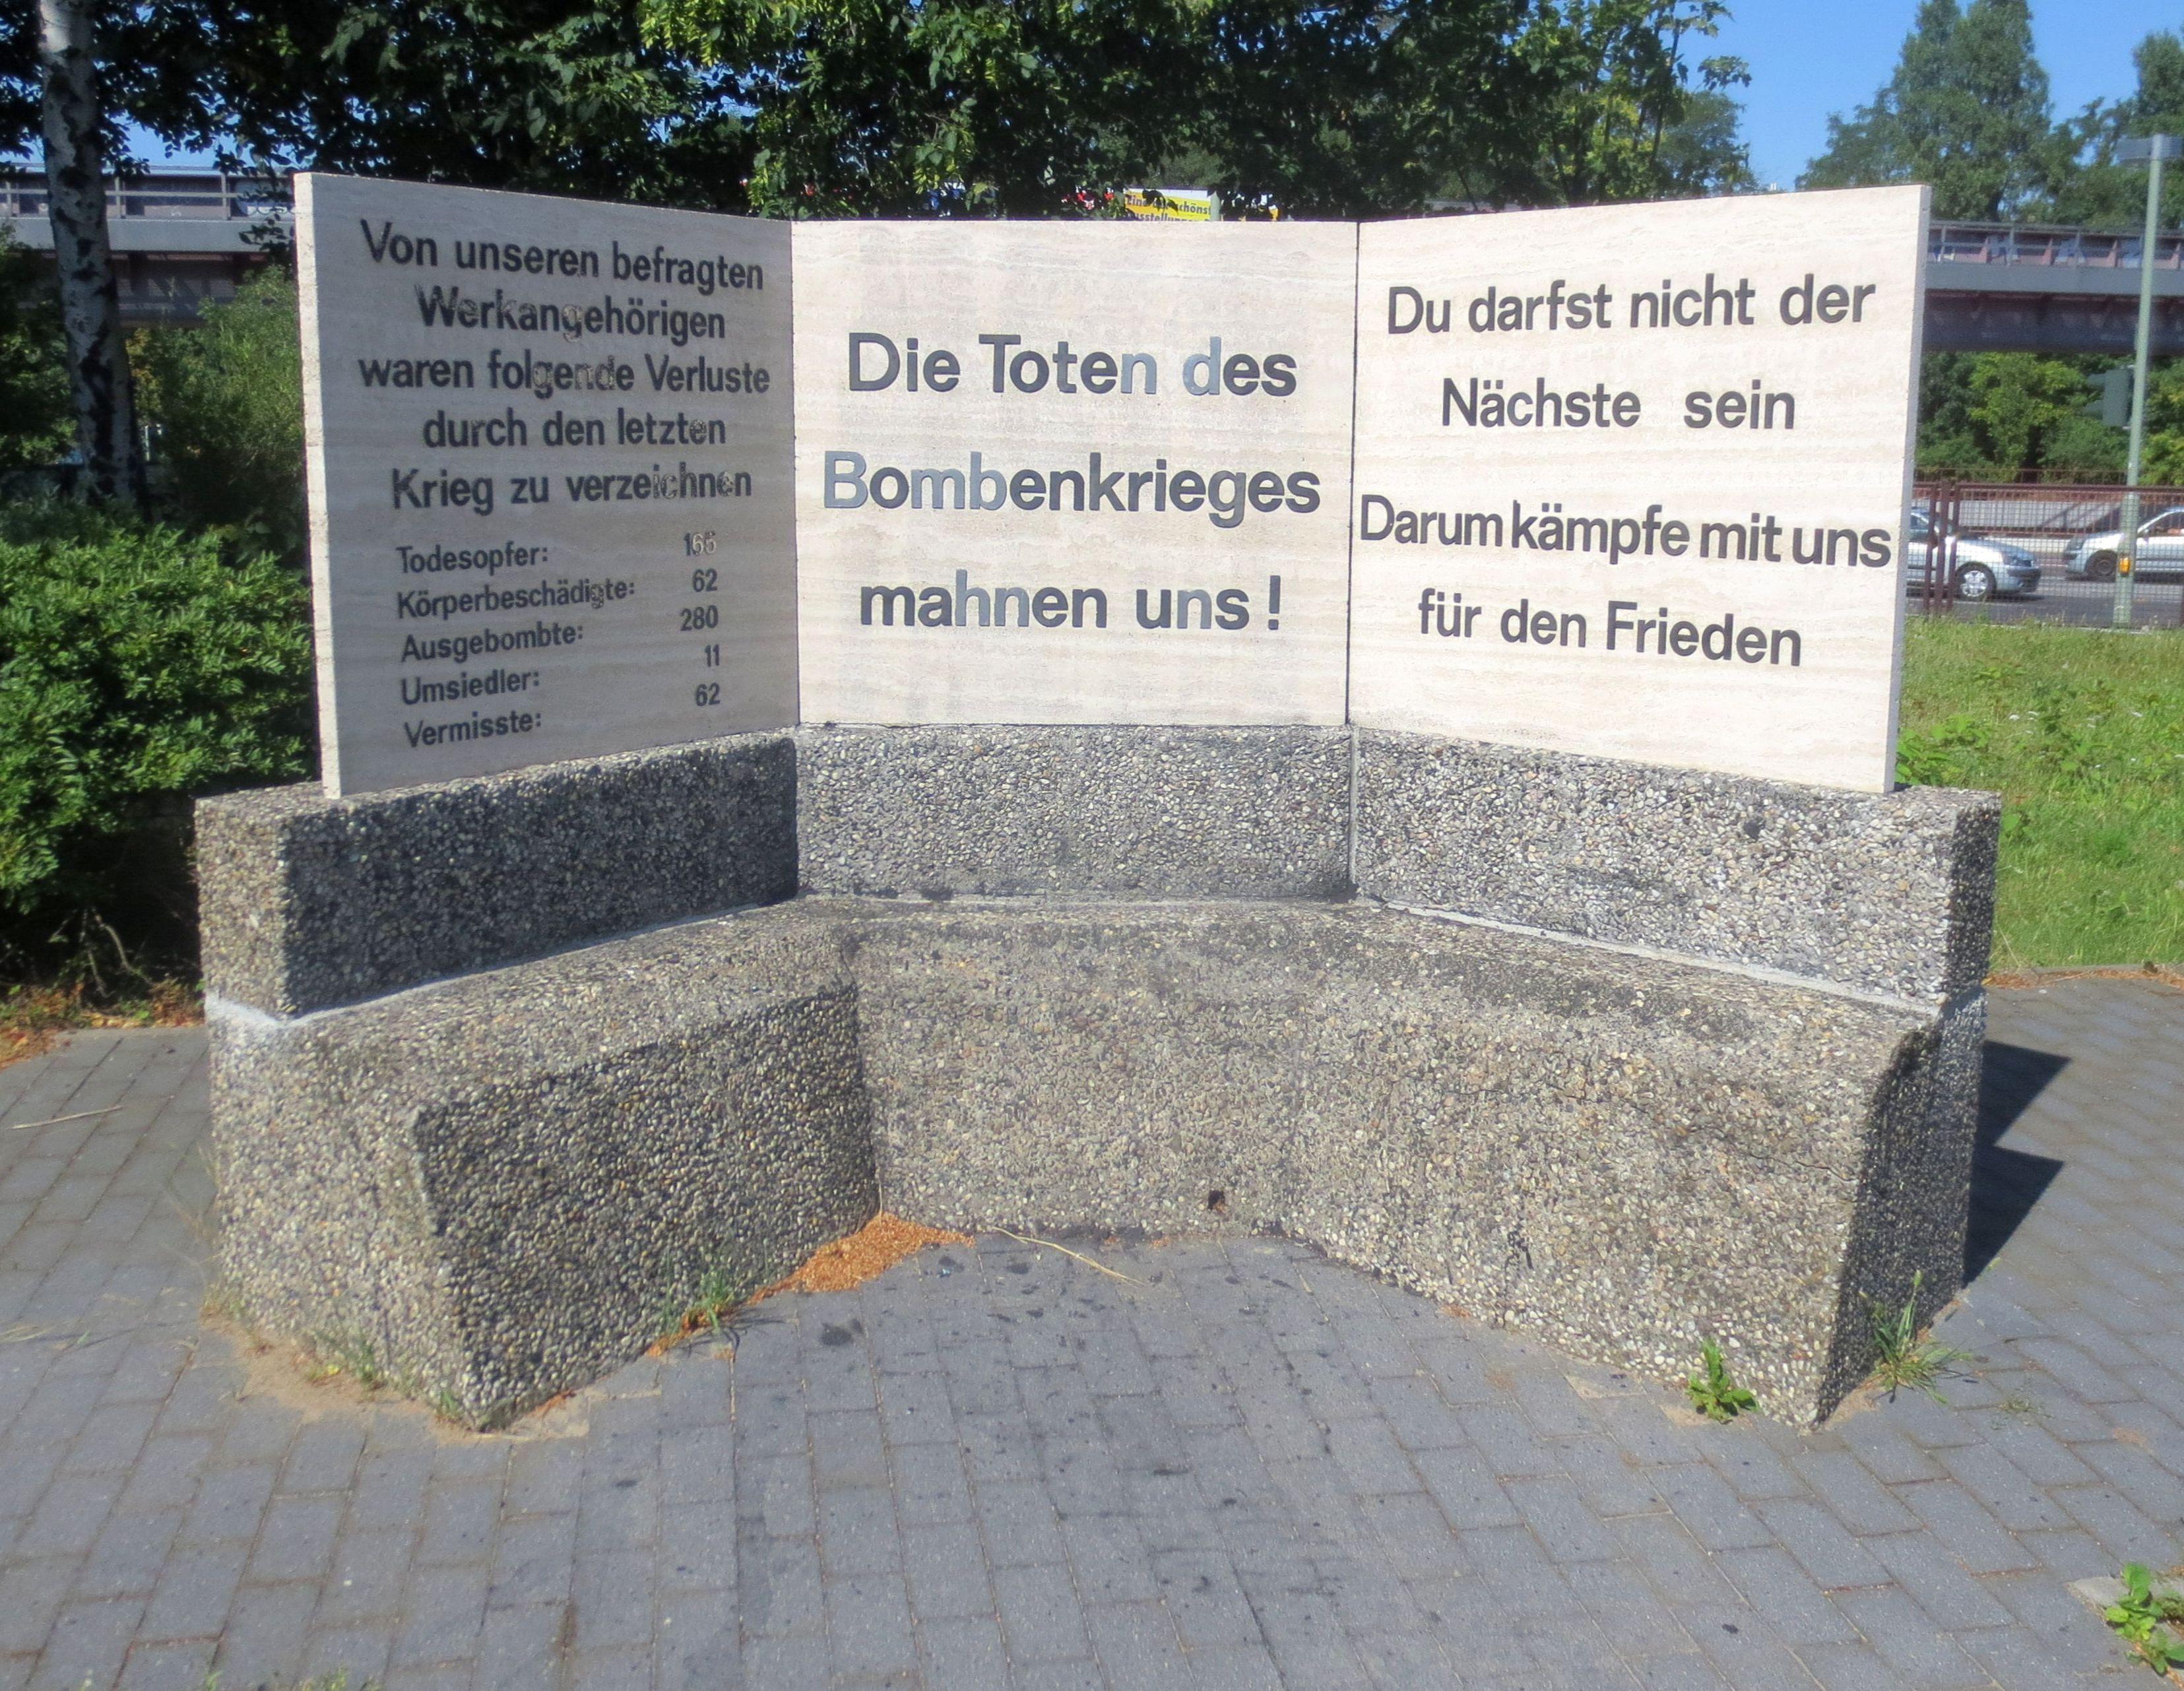 Exquisit Sachsendamm 20 Sammlung Von Berlin, Schoeneberg, 47, Mahnmal Besserungswerk Tempelhof.jpg